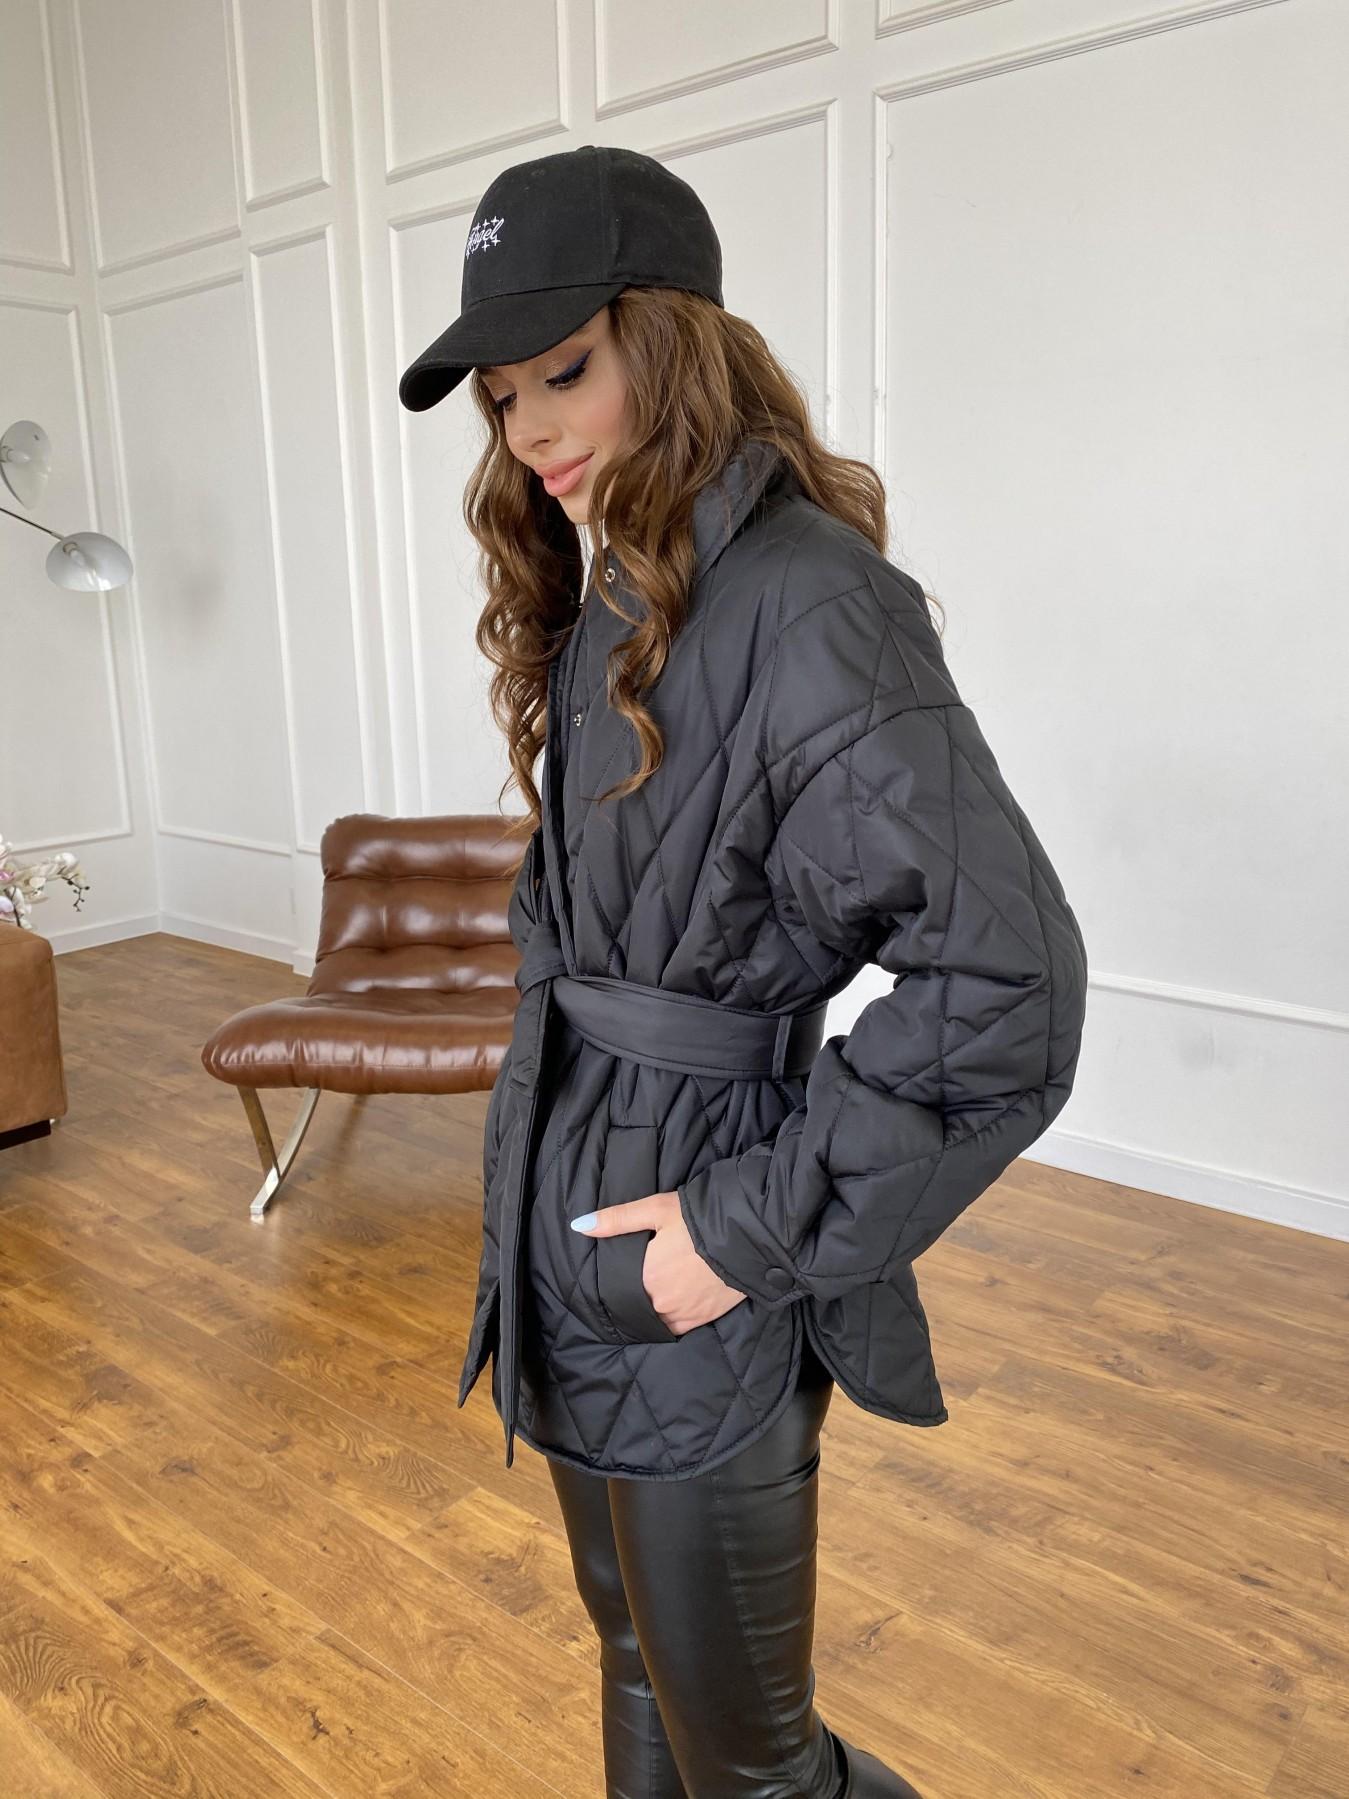 Моно куртка из плащевой ткани Ammy 10972 АРТ. 47618 Цвет: Черный - фото 5, интернет магазин tm-modus.ru